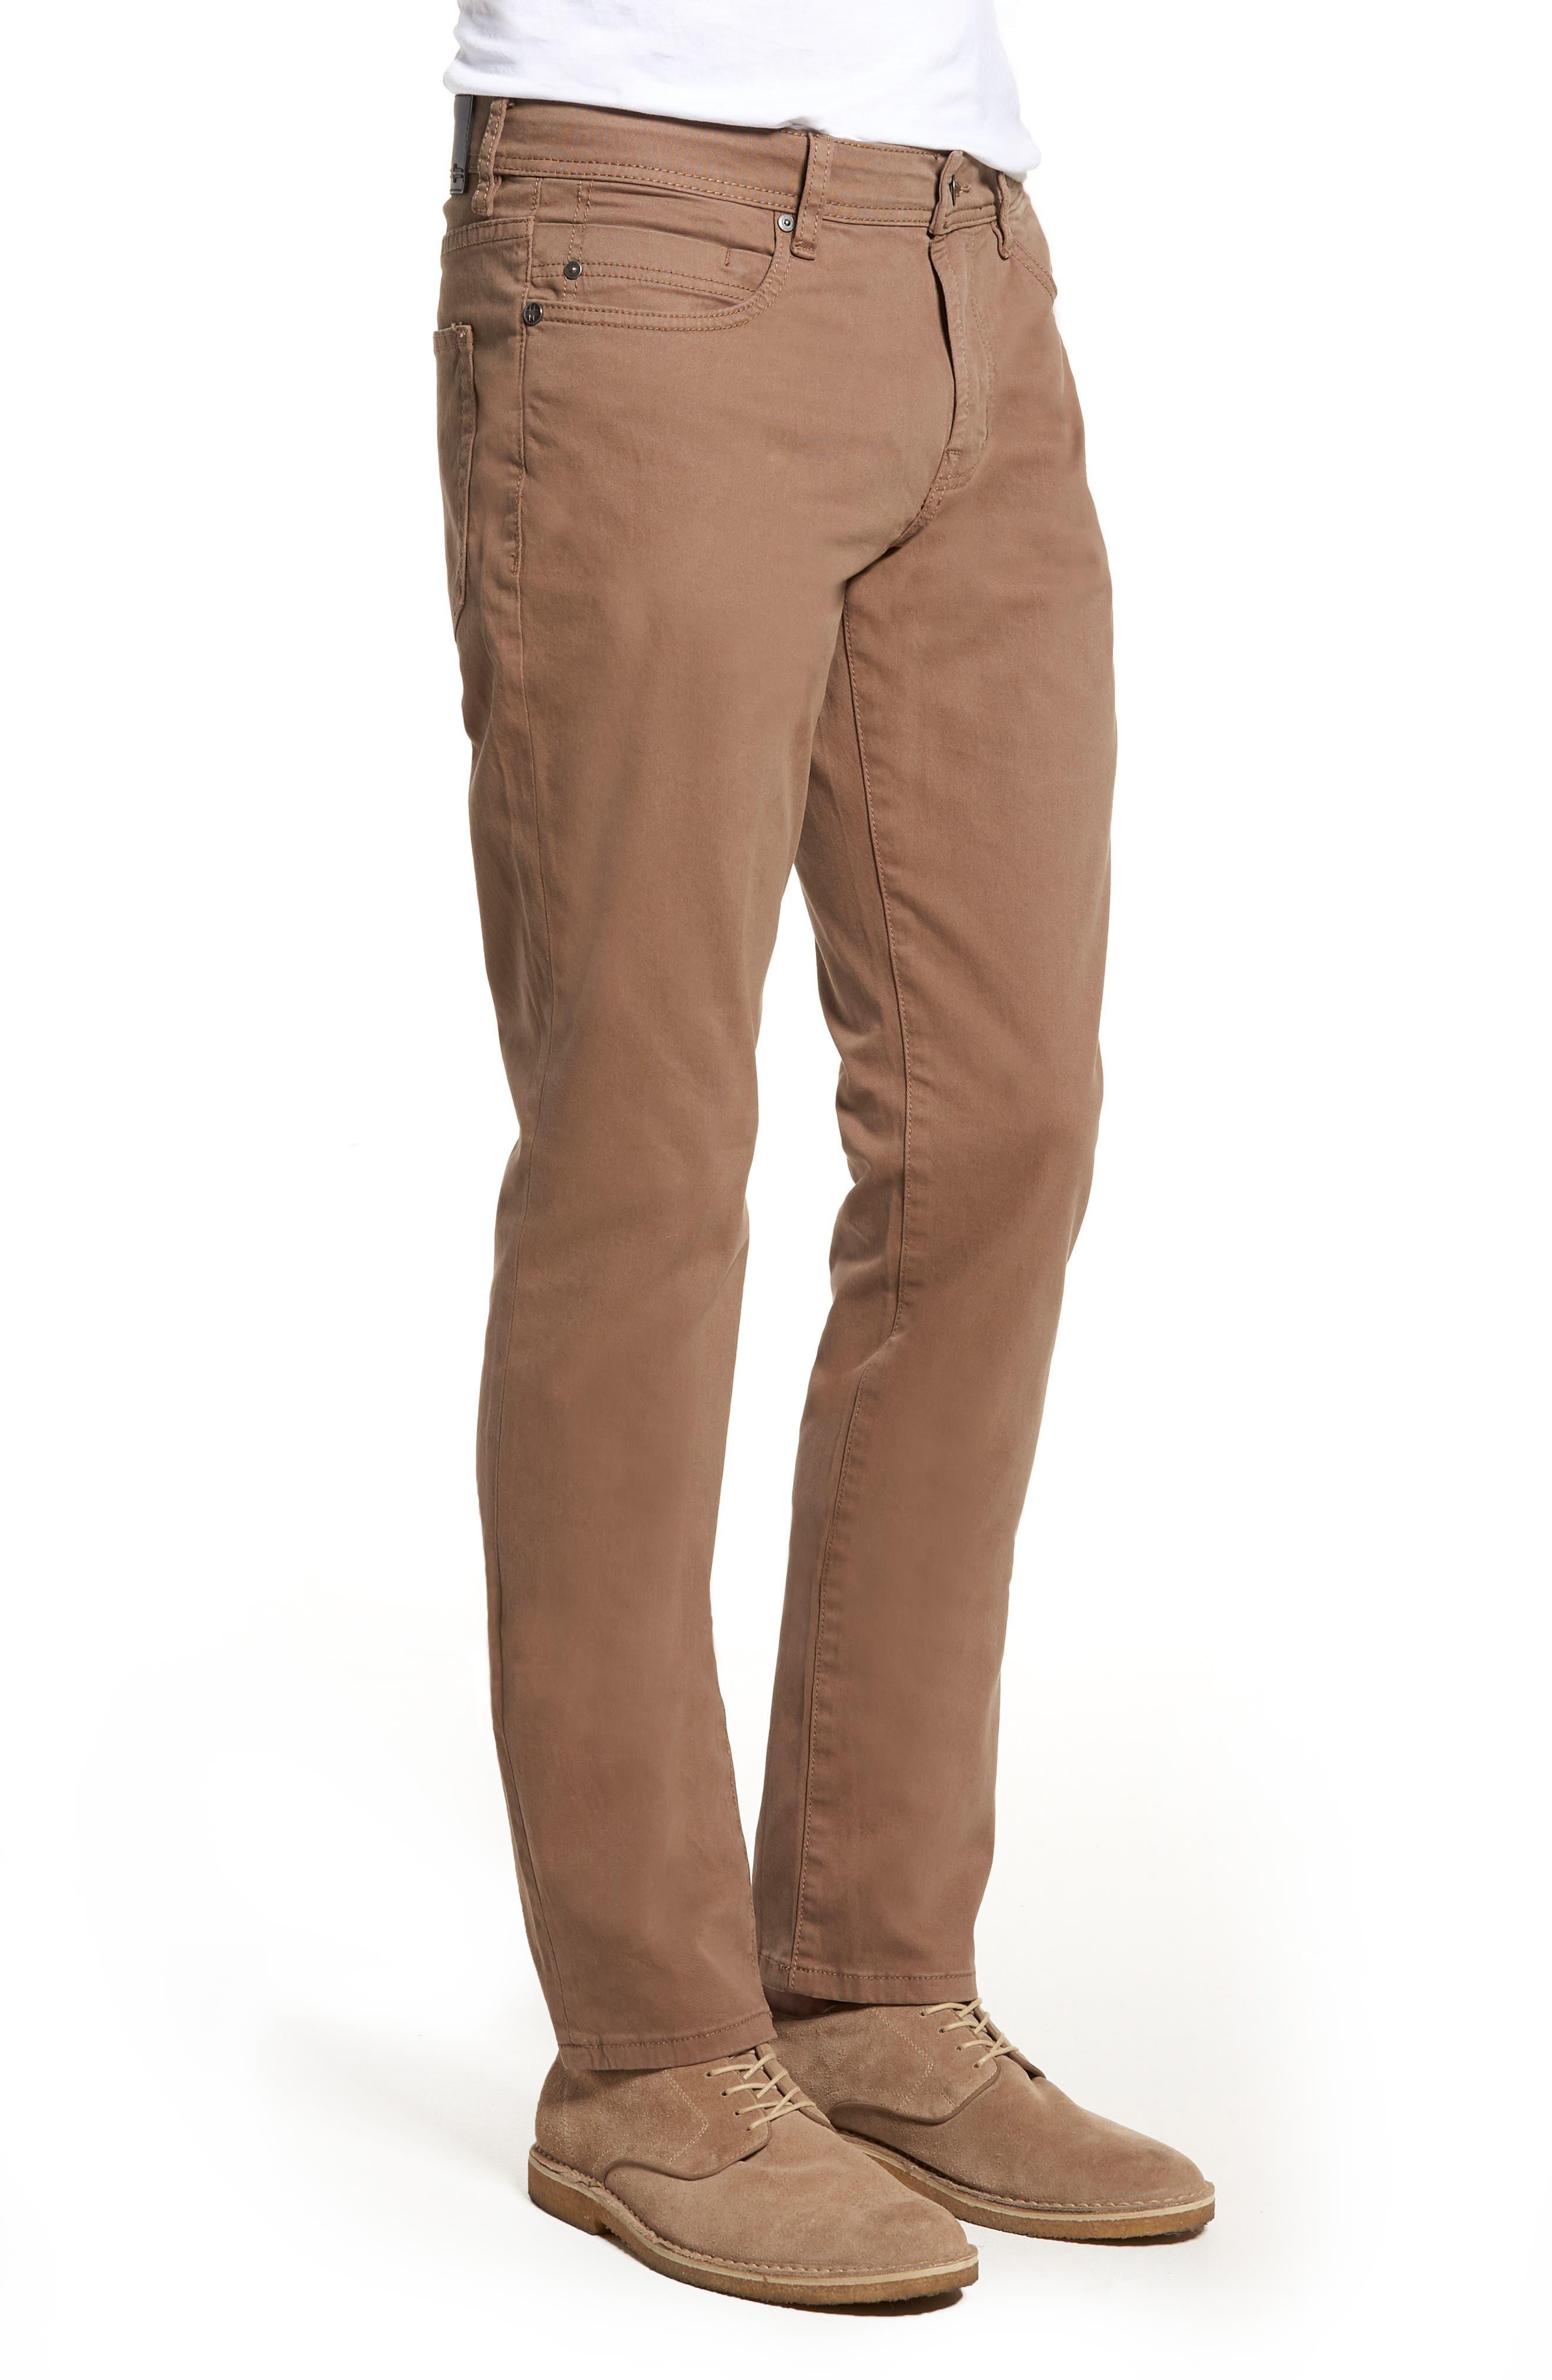 Jeans Co. Kingston Slim Straight Leg Jeans,                             Alternate thumbnail 3, color,                             CUB